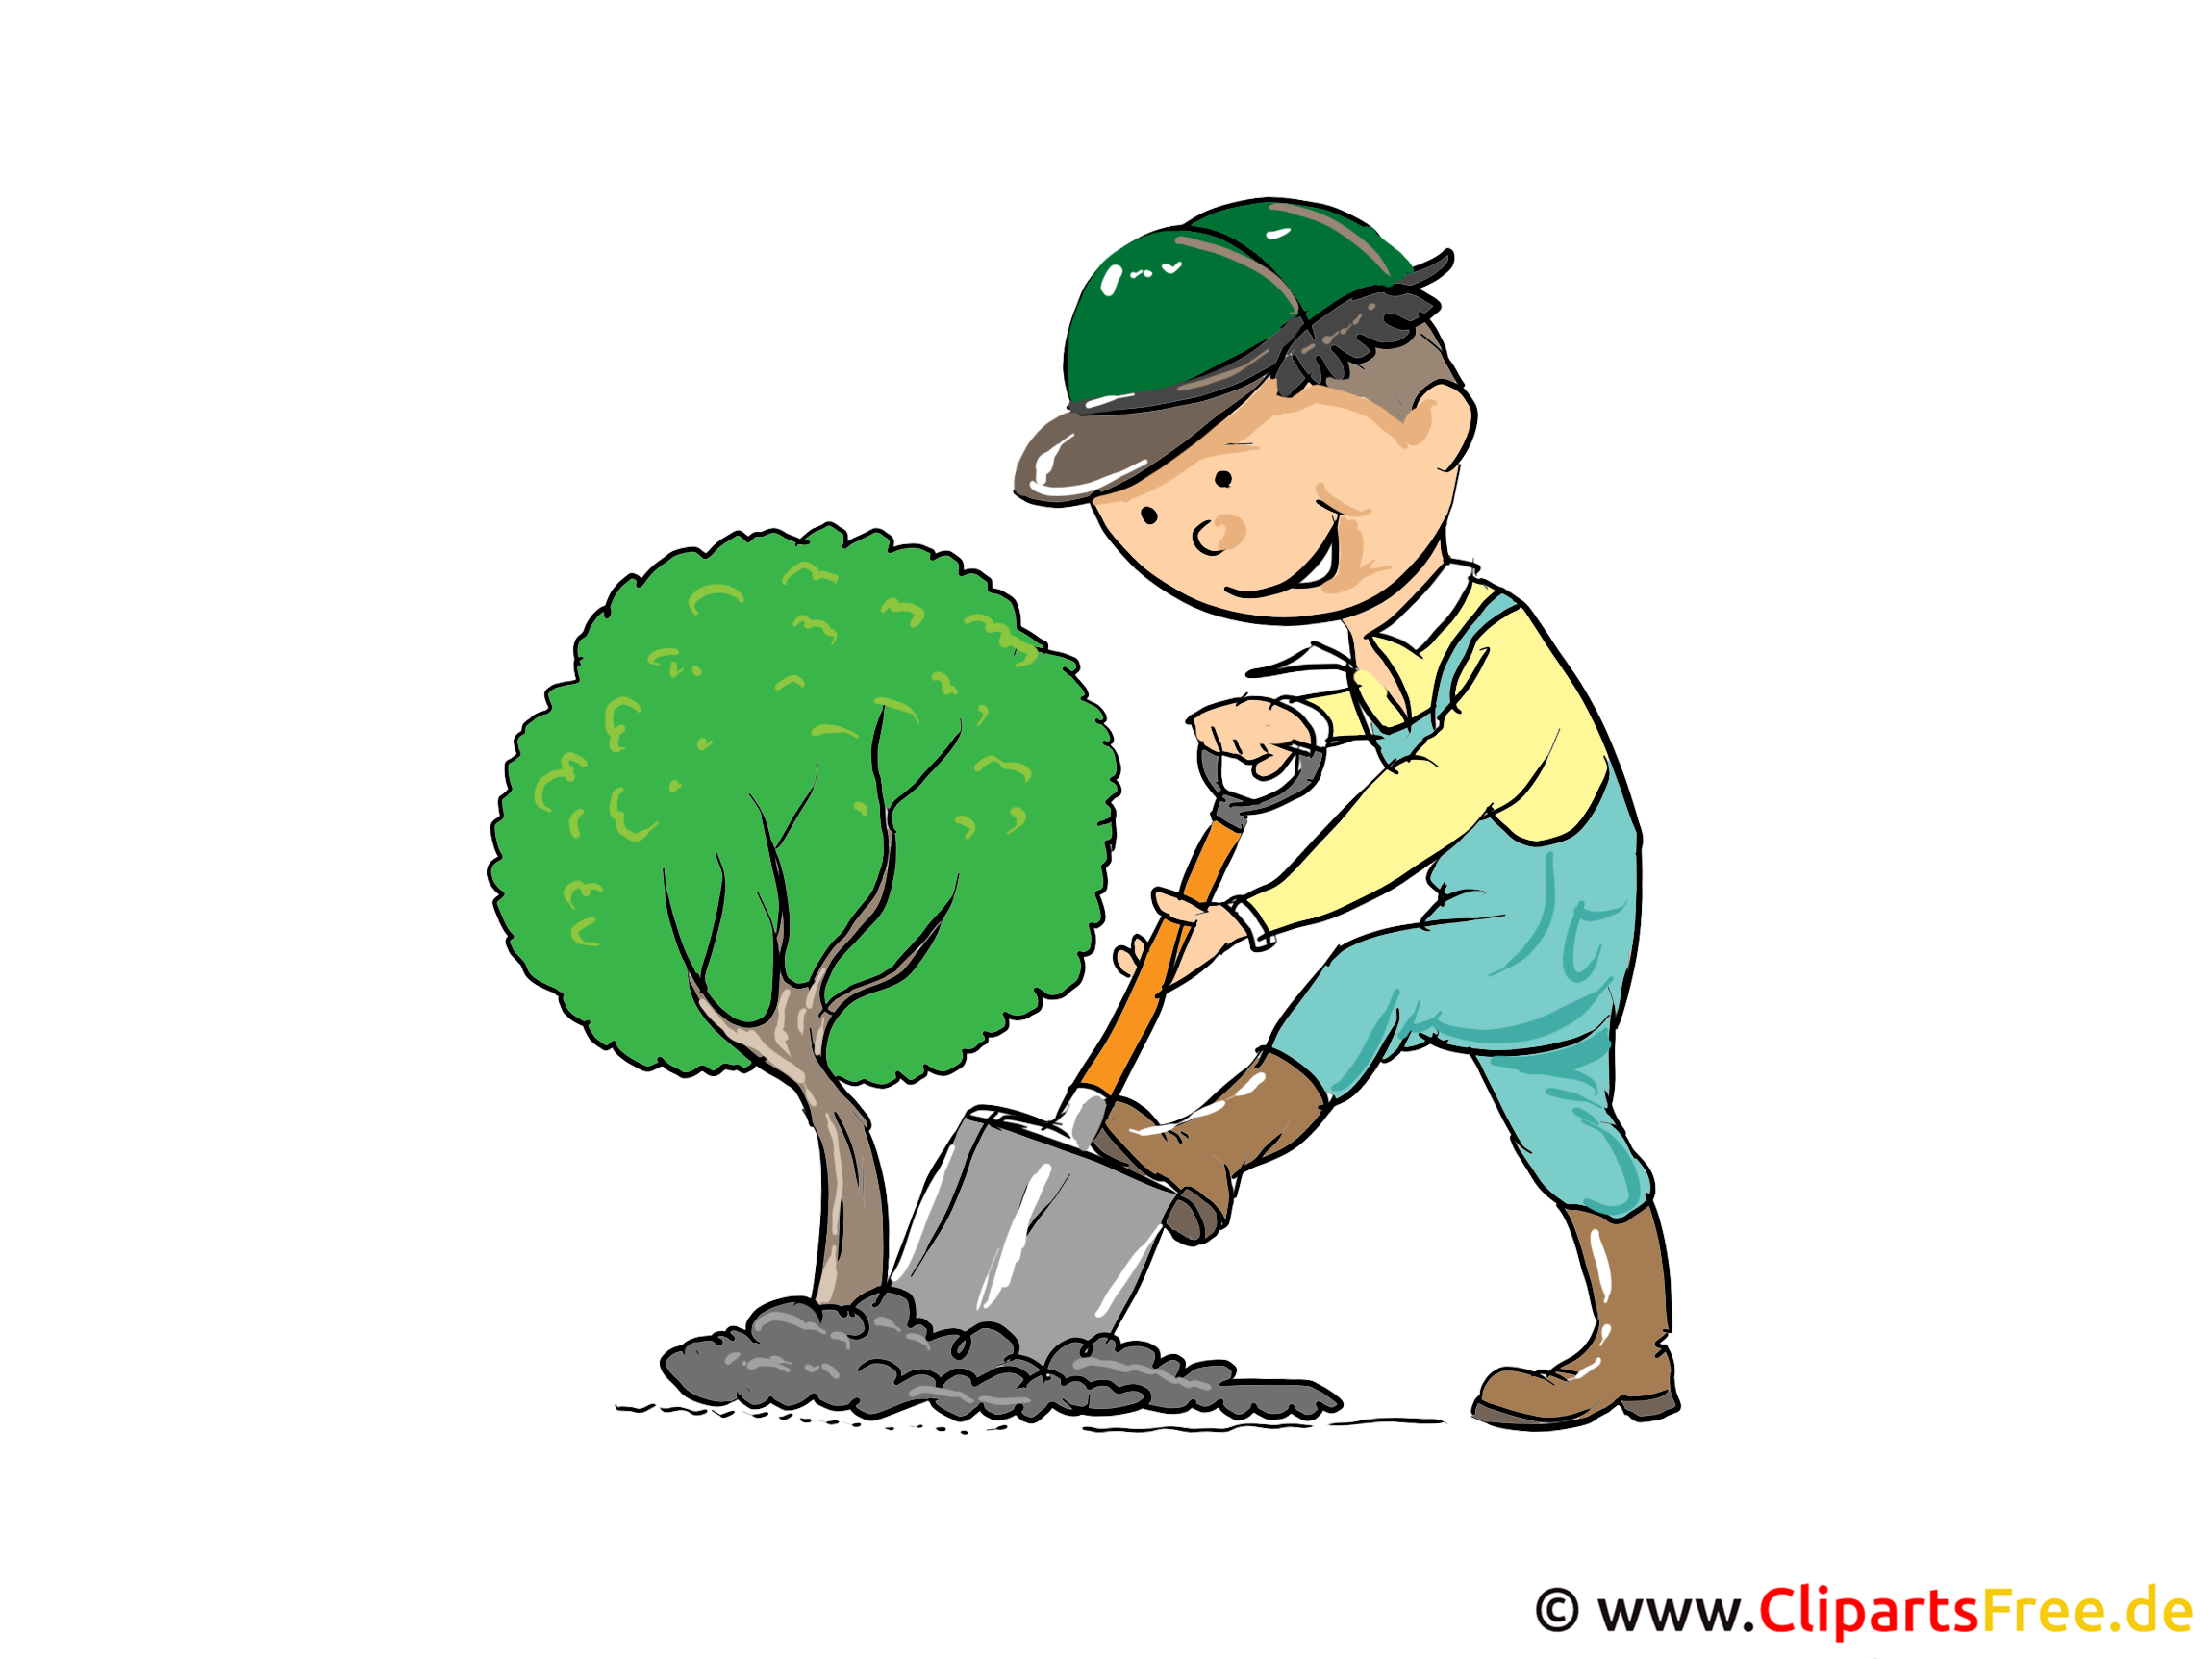 Clipart Gärtner kostenlos zum Drucken